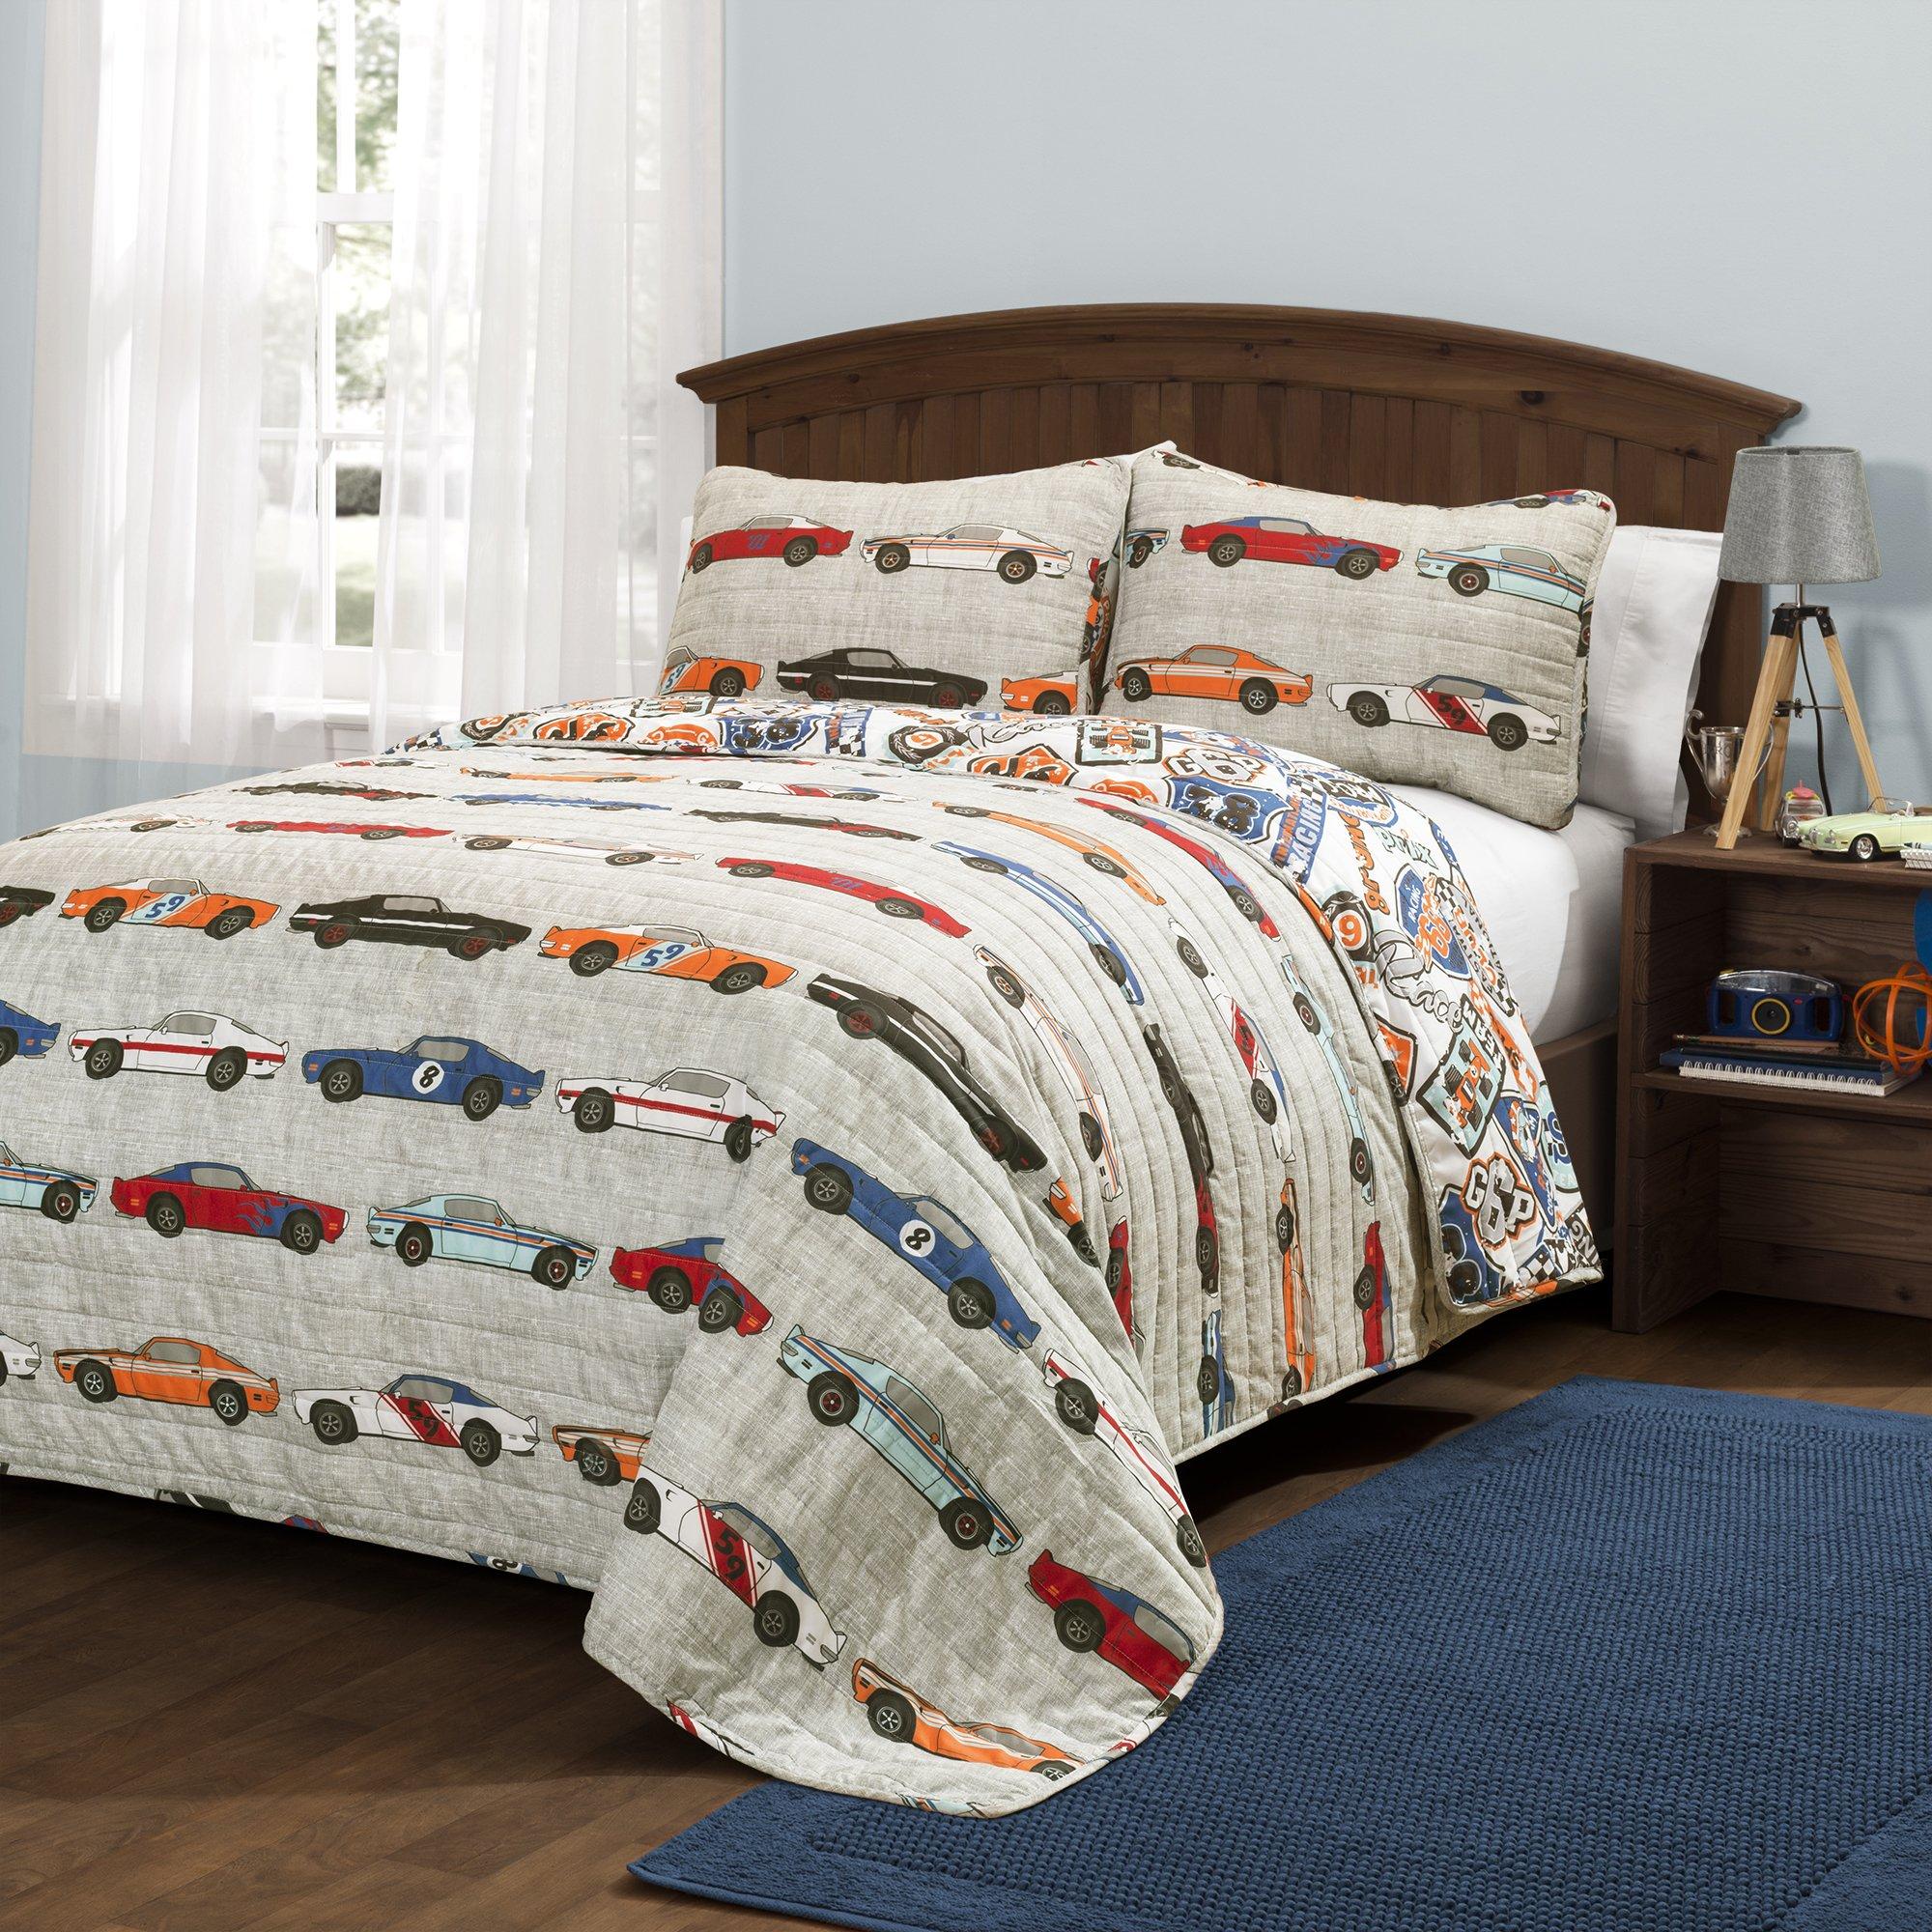 Lush Décor Race Cars 2 Piece Reversible Quilt Kids Bedding Set, Twin, Blue/Orange by Lush Decor